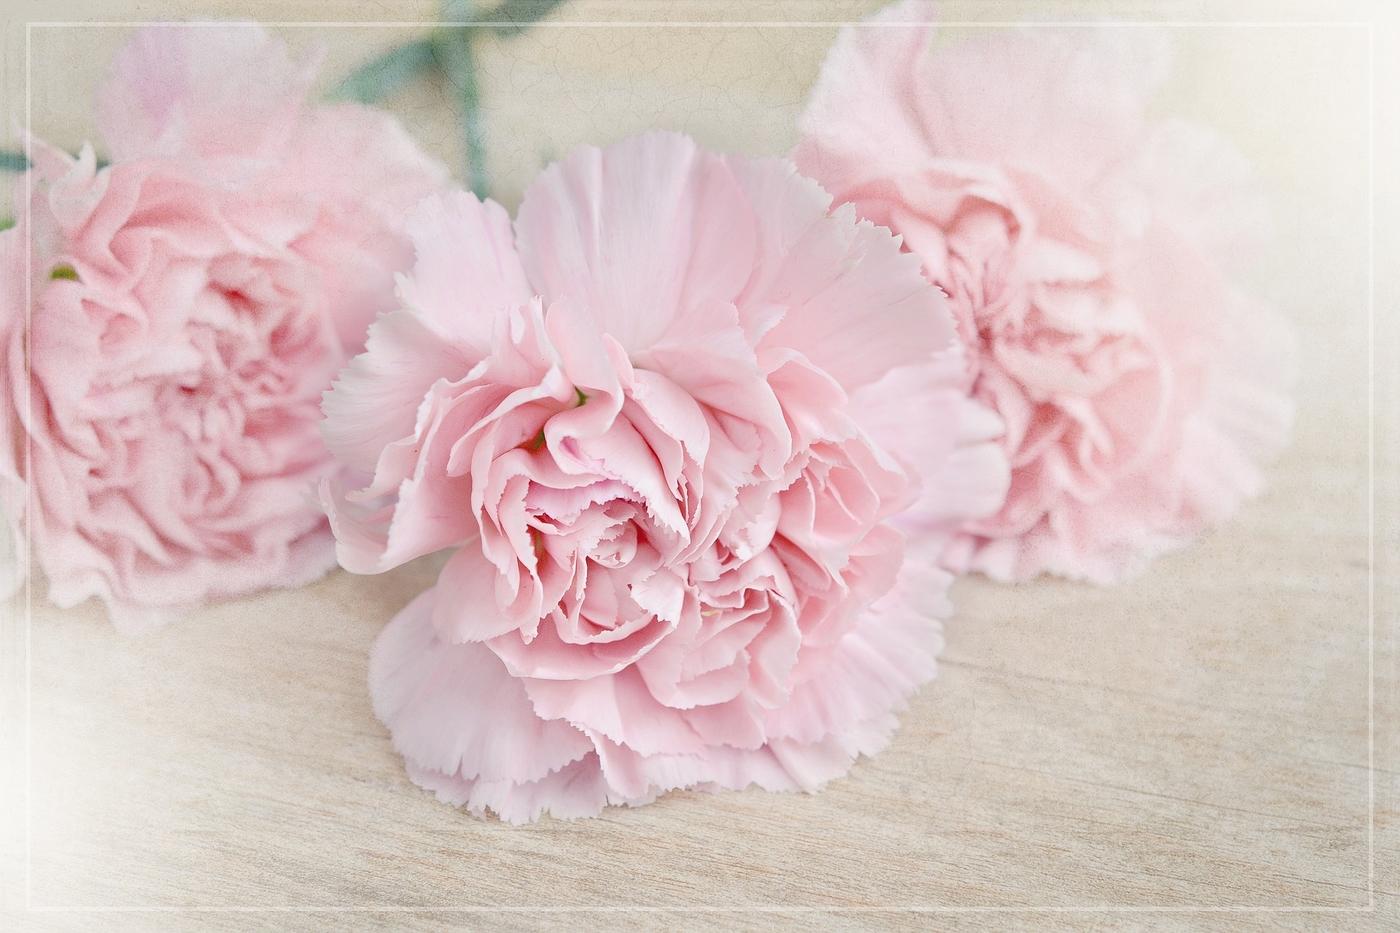 flowers-1363668_1920.jpg